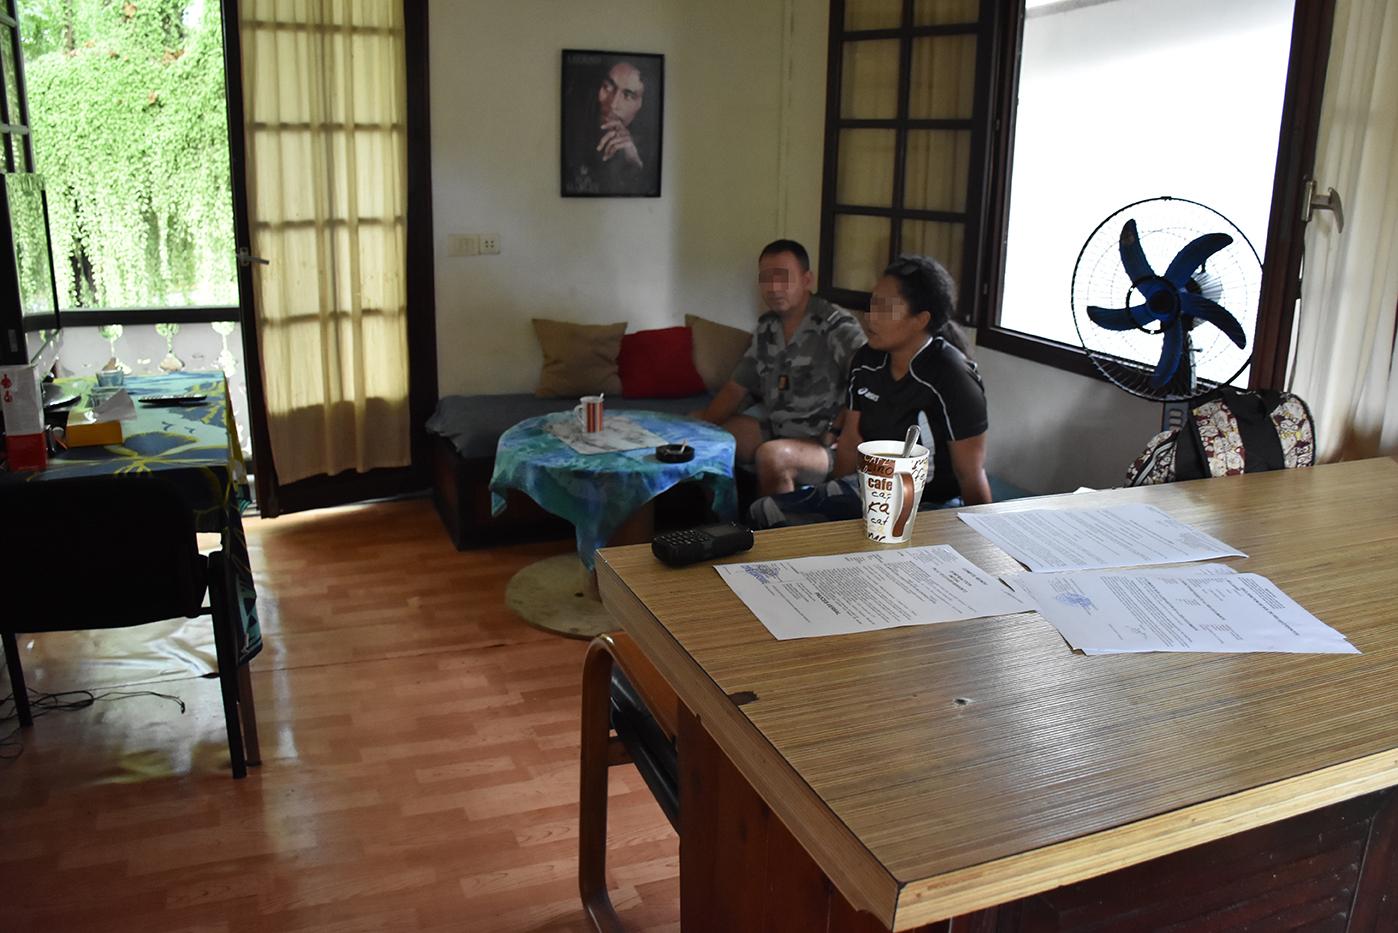 Taunoa : le couple se réveille face à un cambrioleur cagoulé